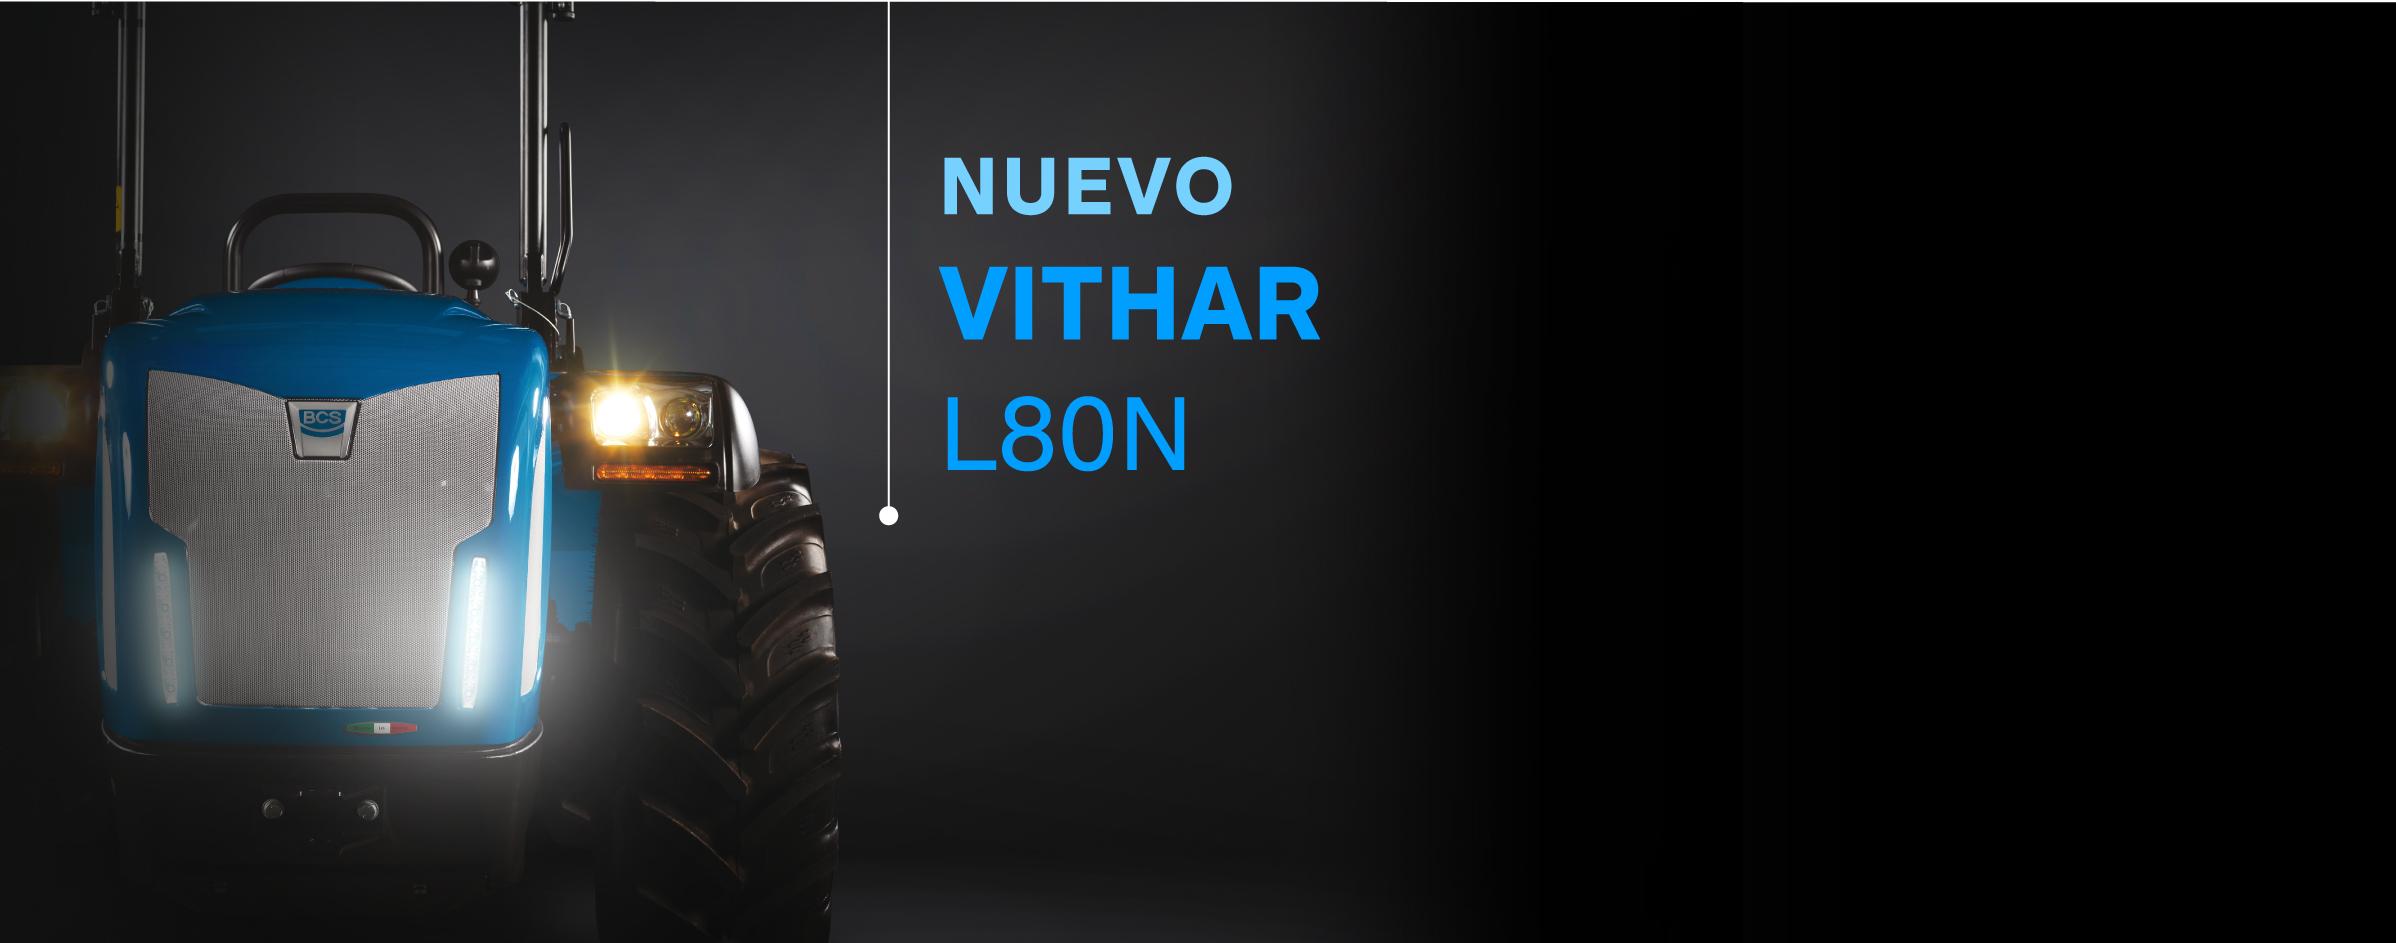 Nuevo Vithar L80N - tractor compacto con el capó más bajo de la gama alta